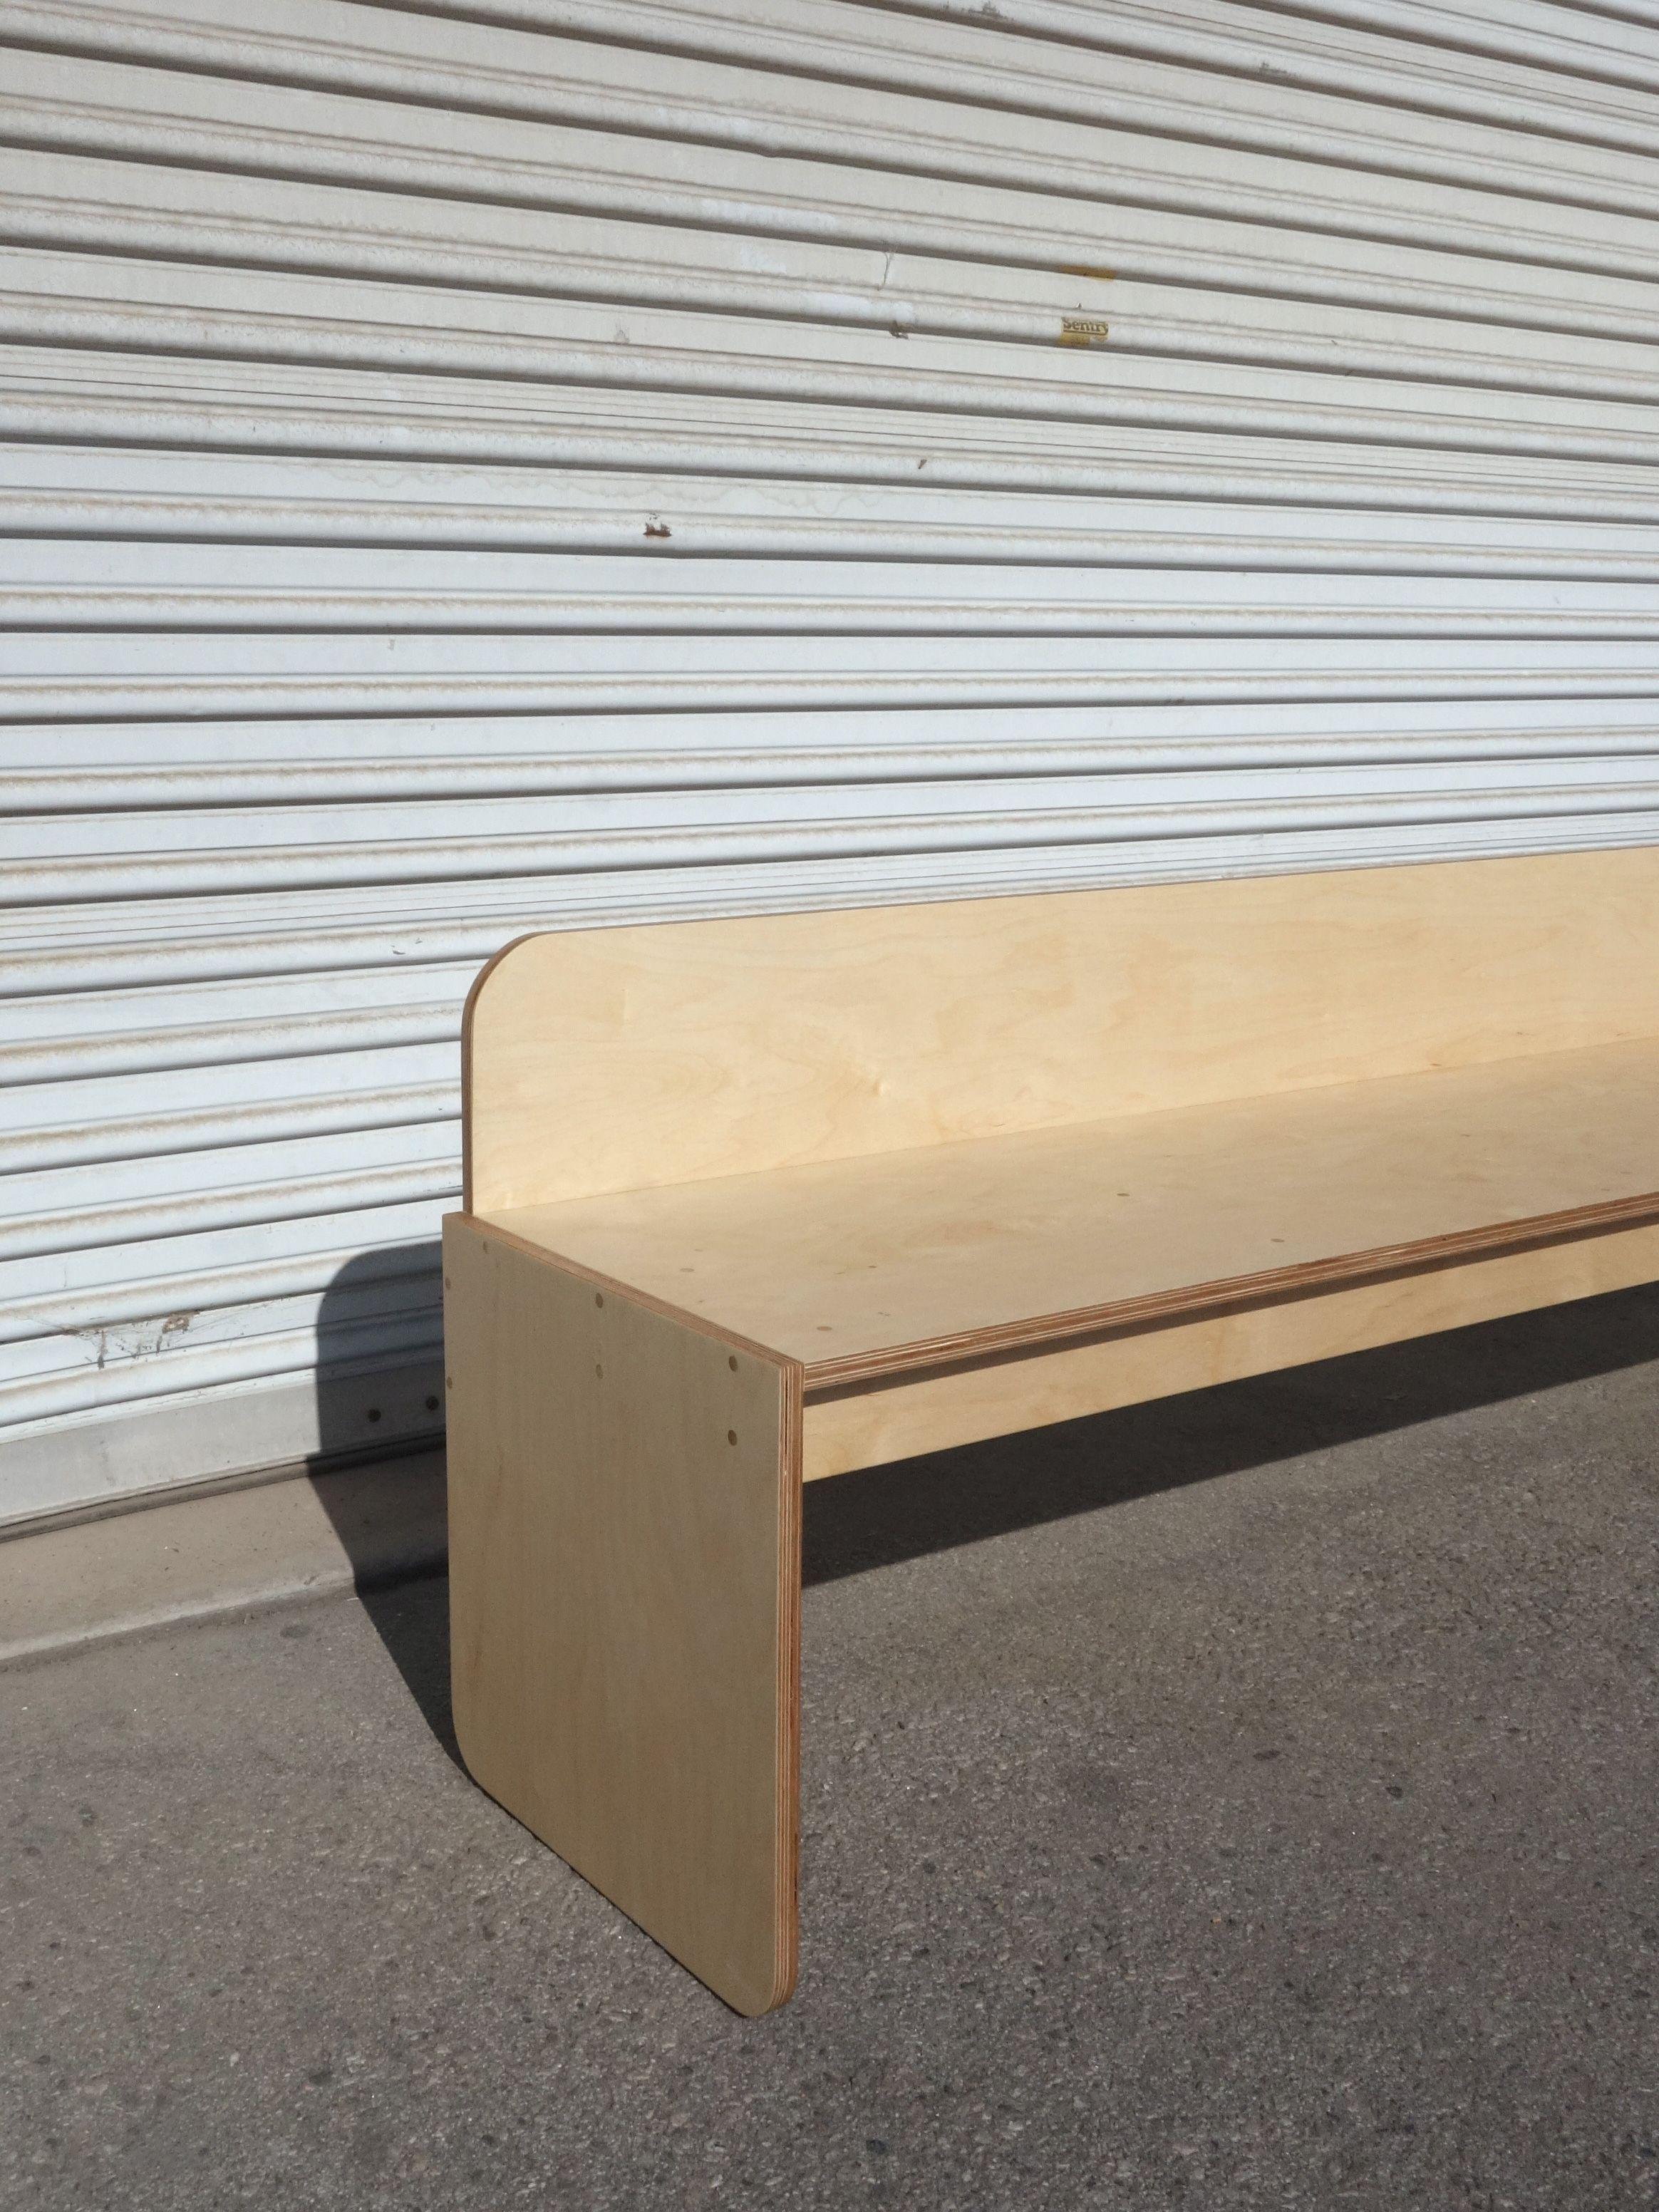 NADA Art Fair product image 13